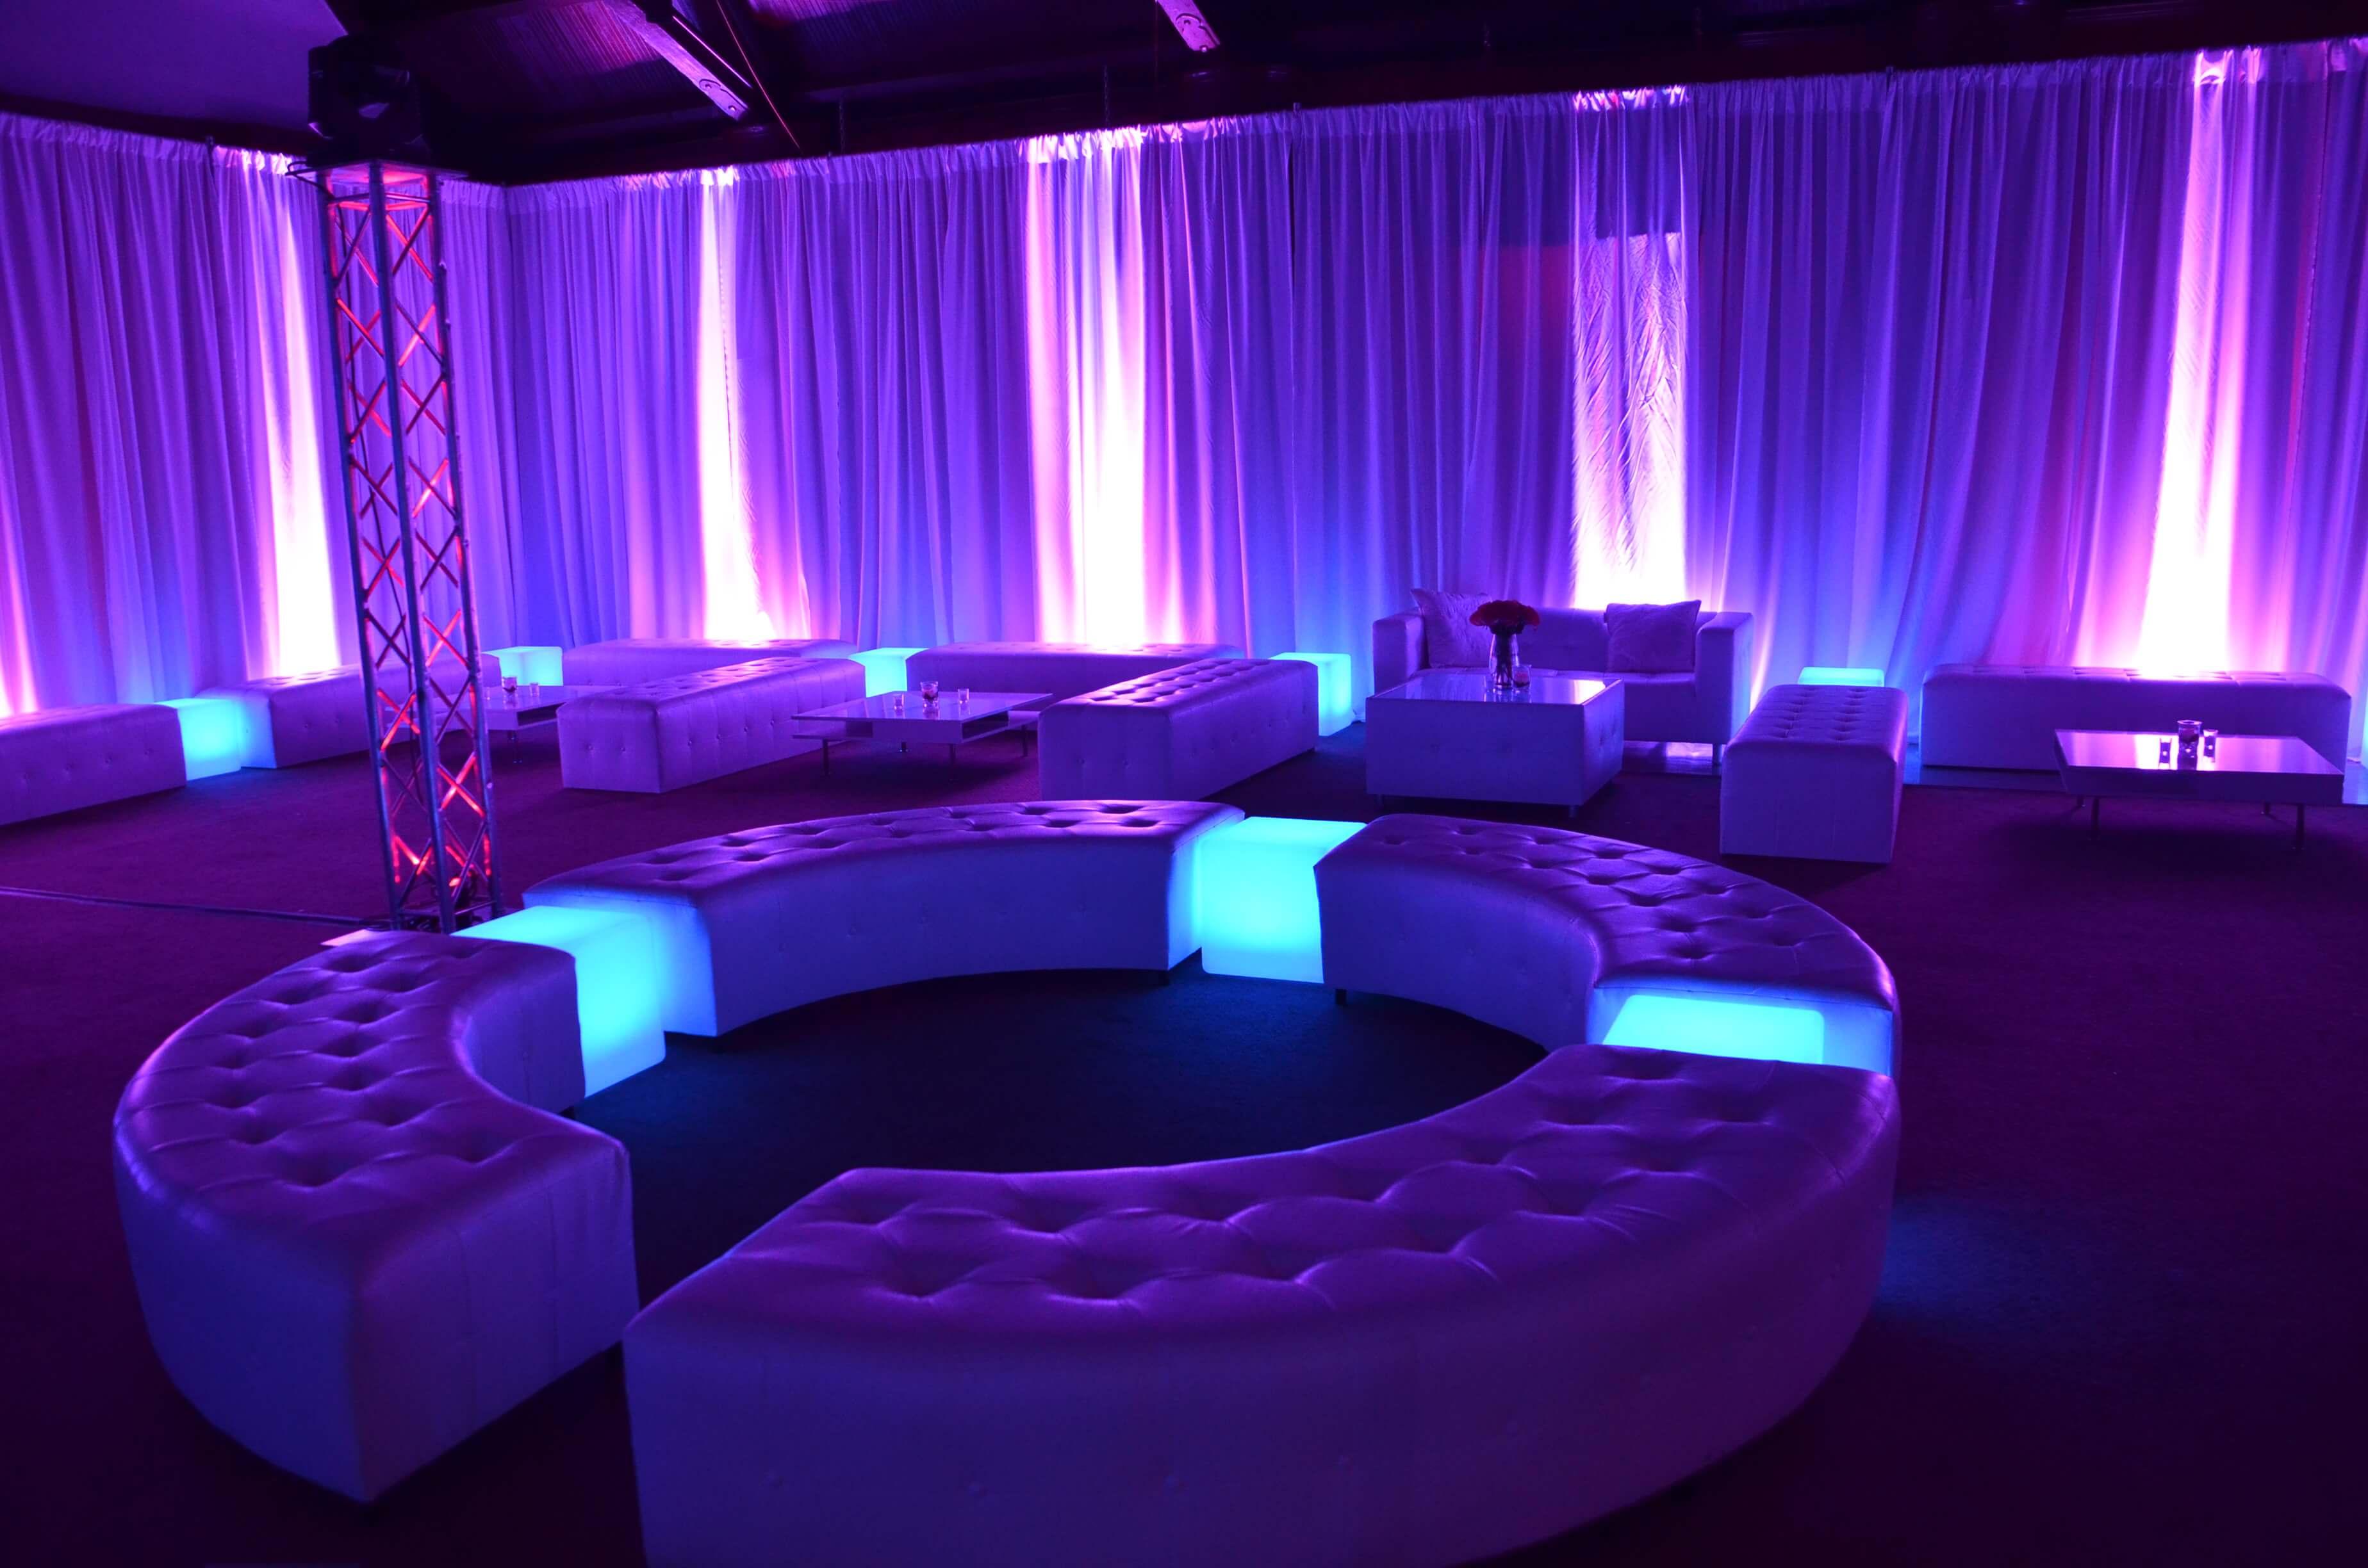 LED Furniture | LED Furniture Rentals | Grimes